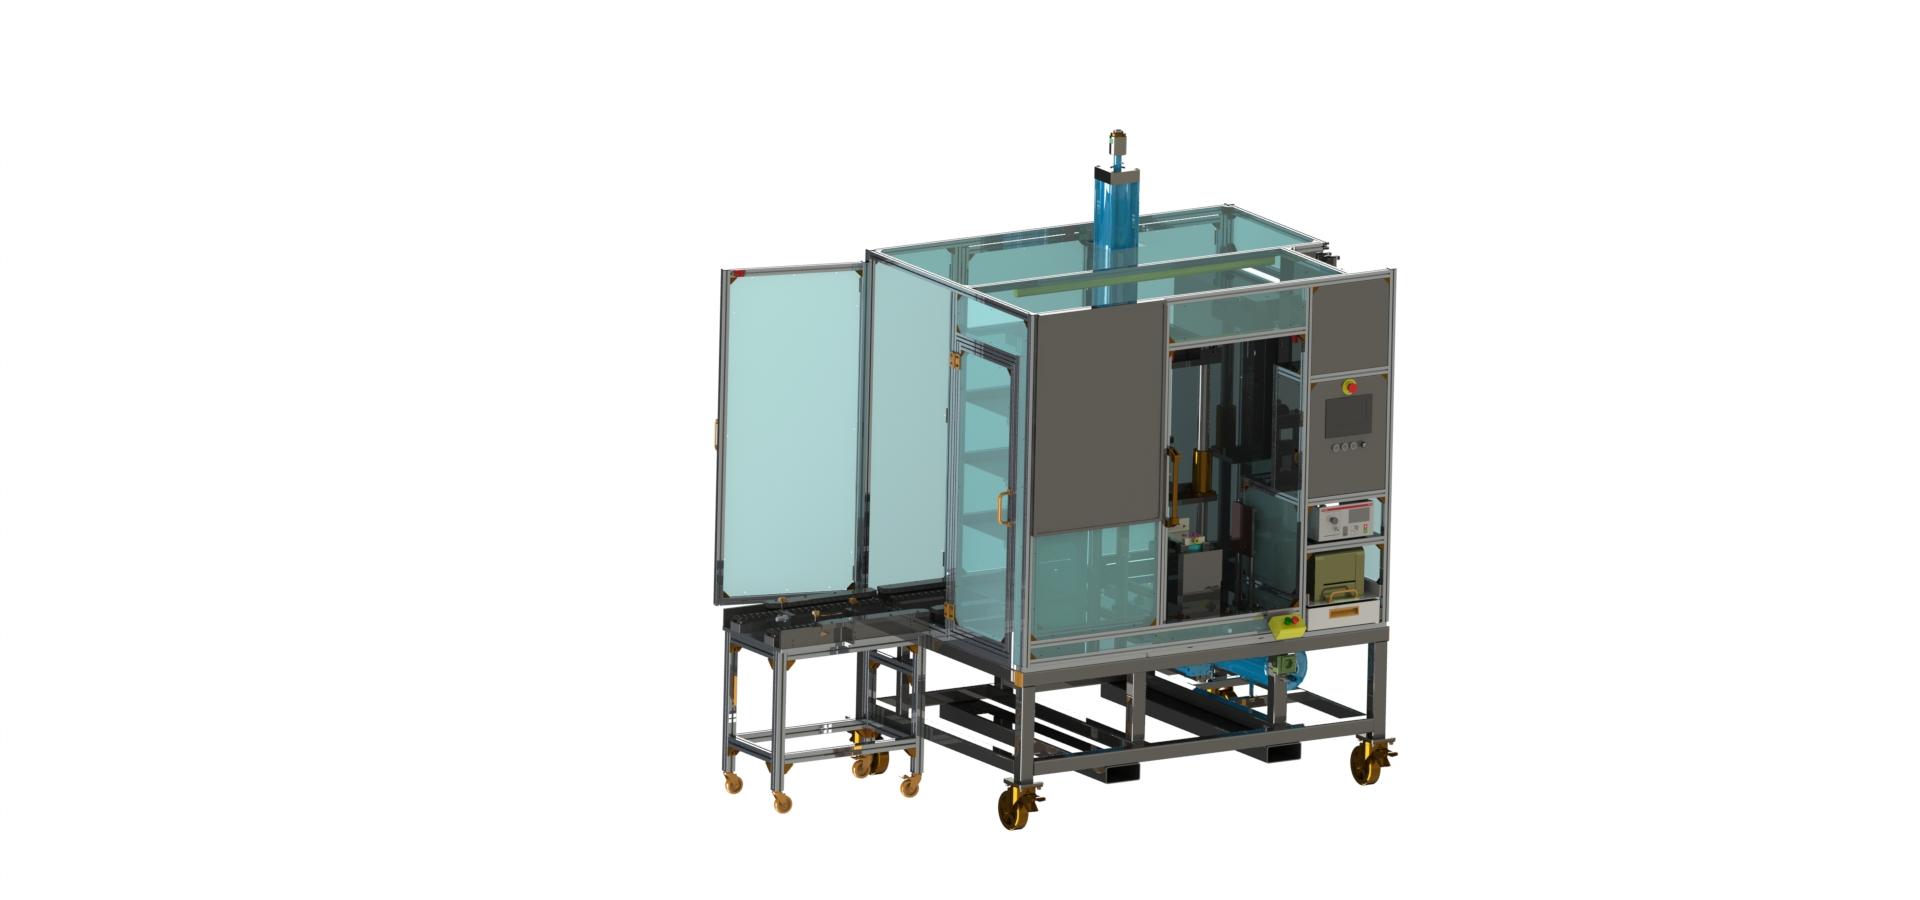 Fuel filter leak test station